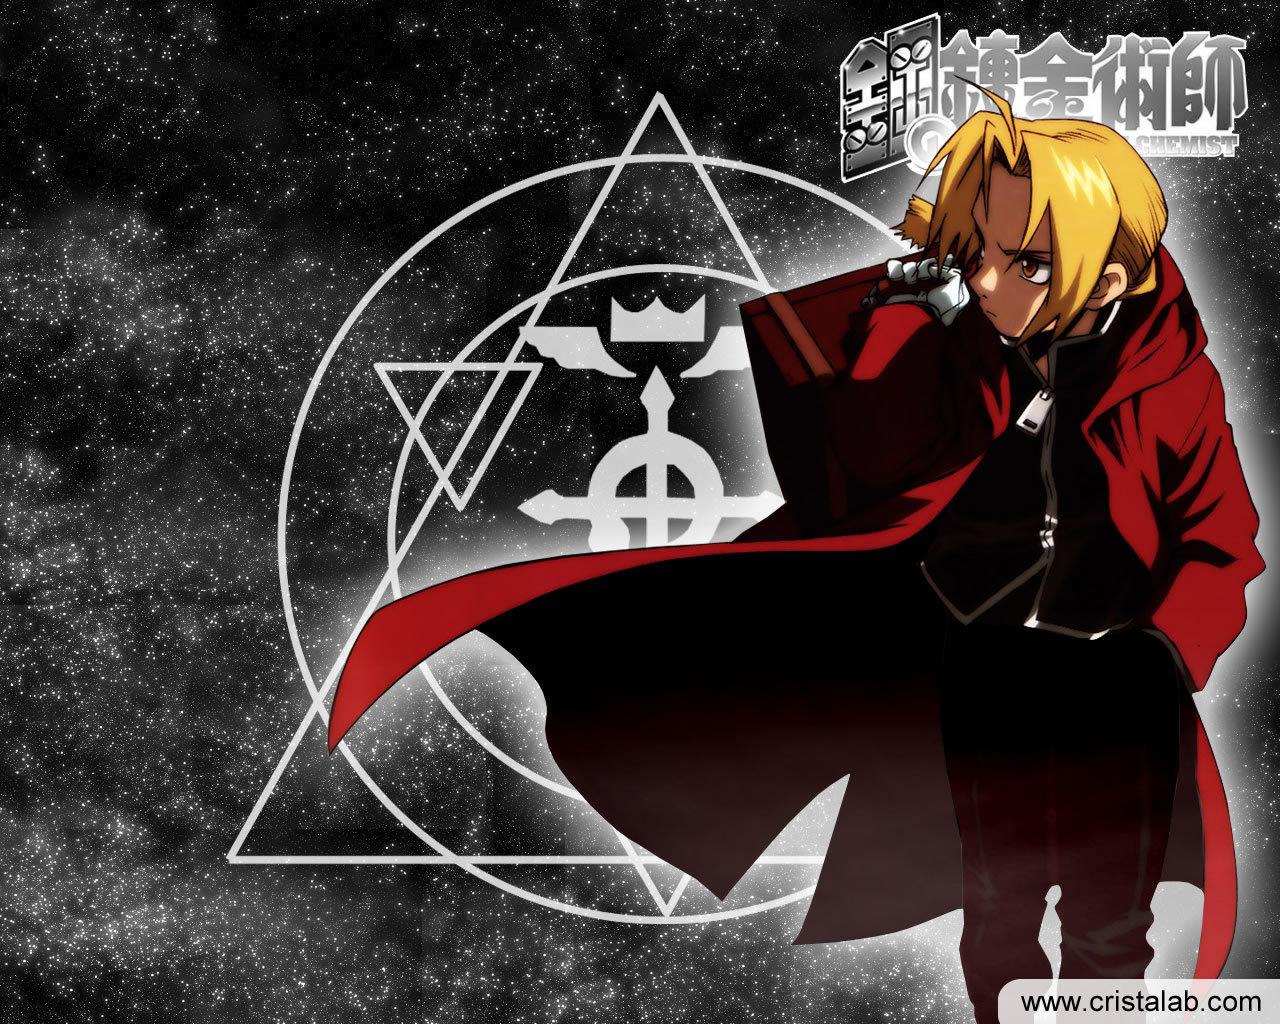 Fullmetal Alchemist Brotherhood 49 Free Hd Wallpaper Animewp Com